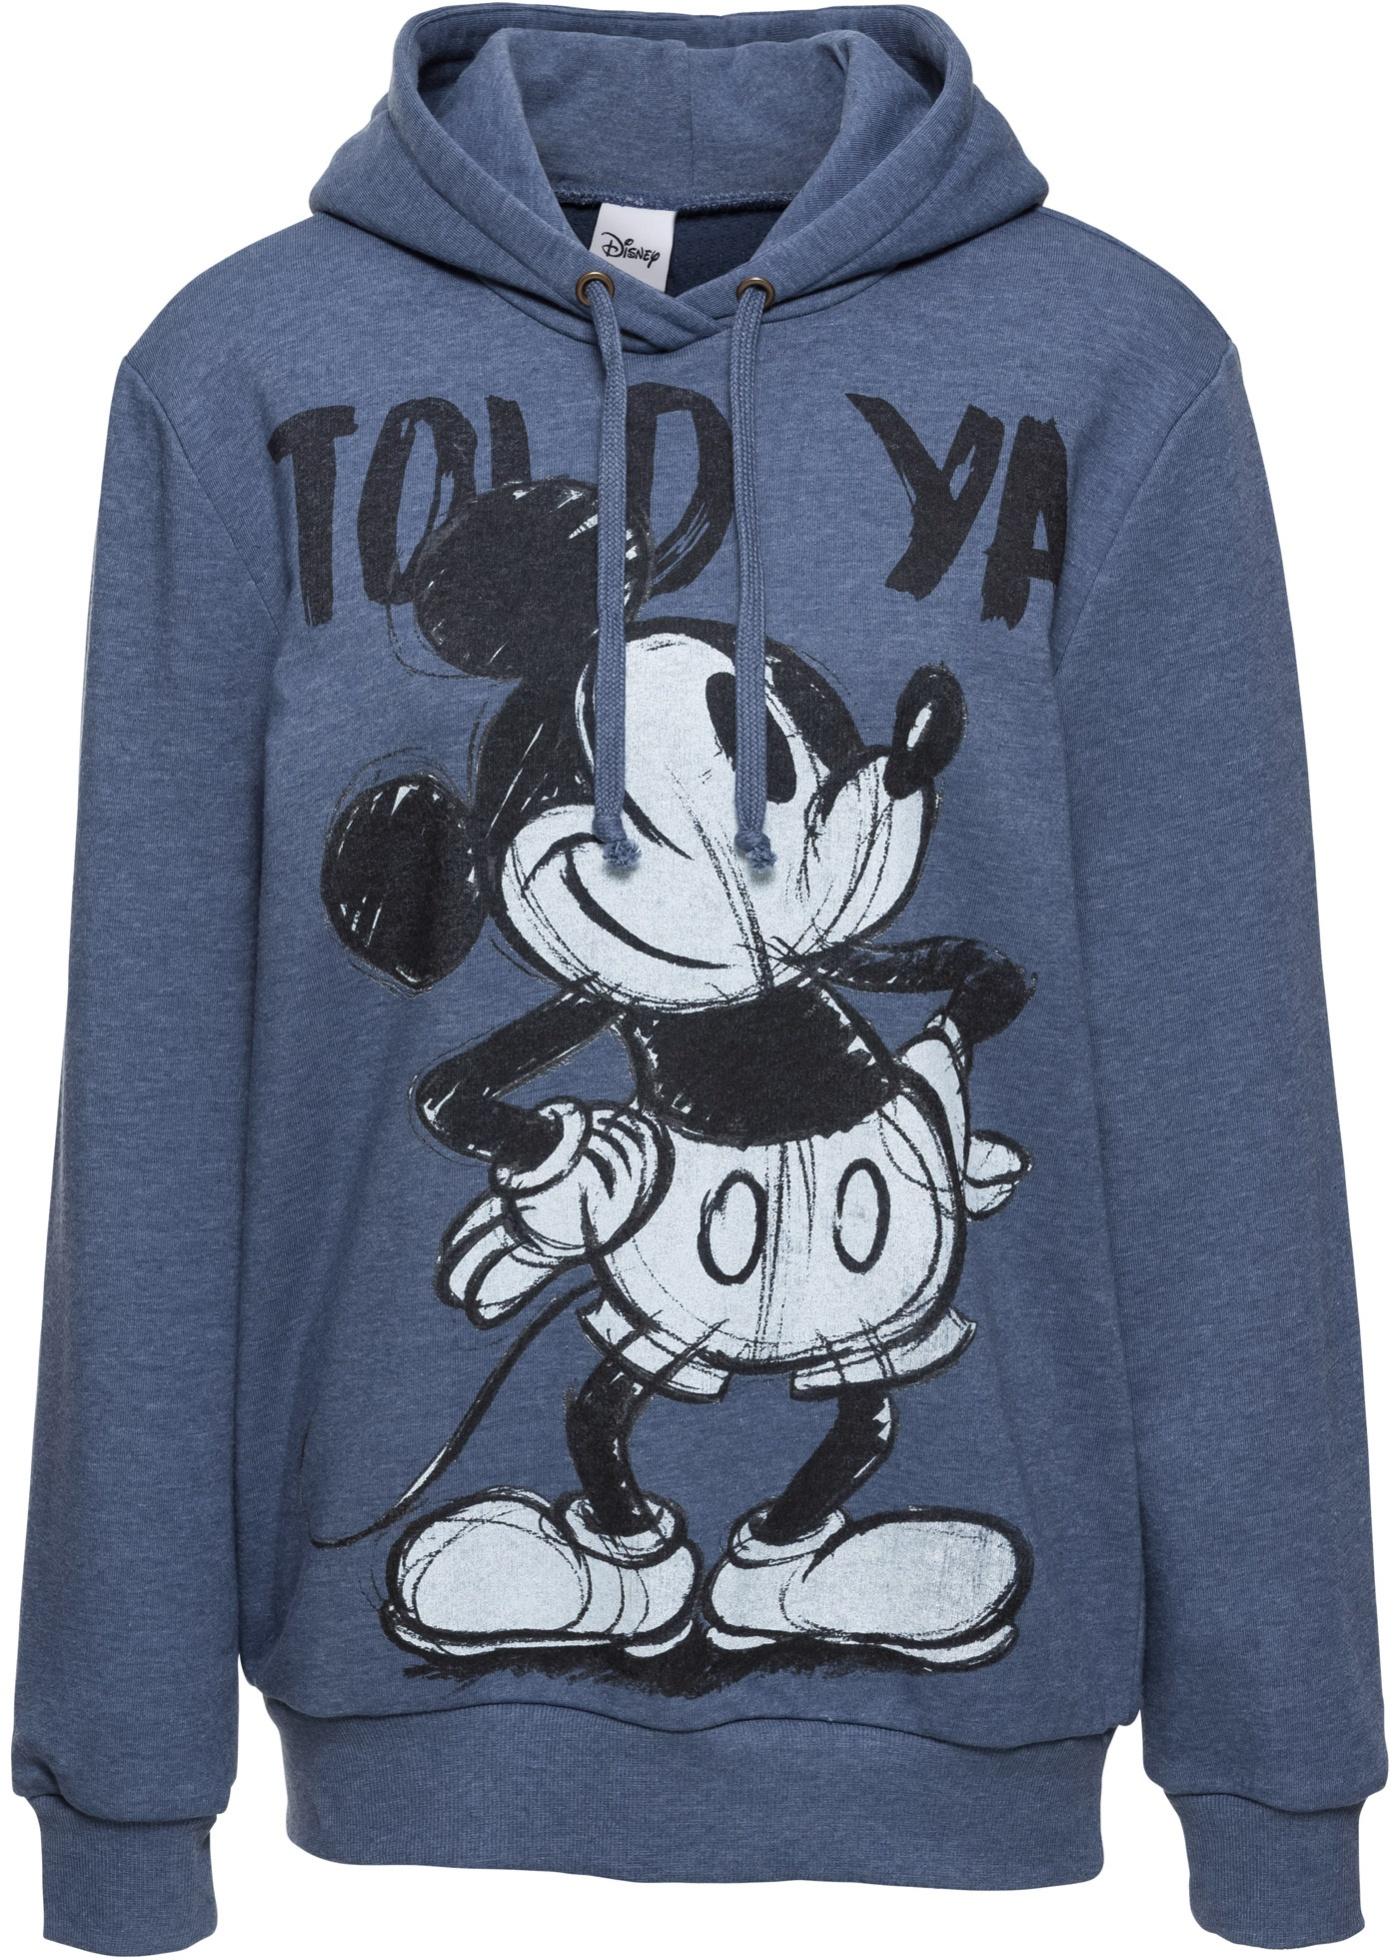 Felpa con cappuccio e stampa Mickey Mouse (Blu) - Disney